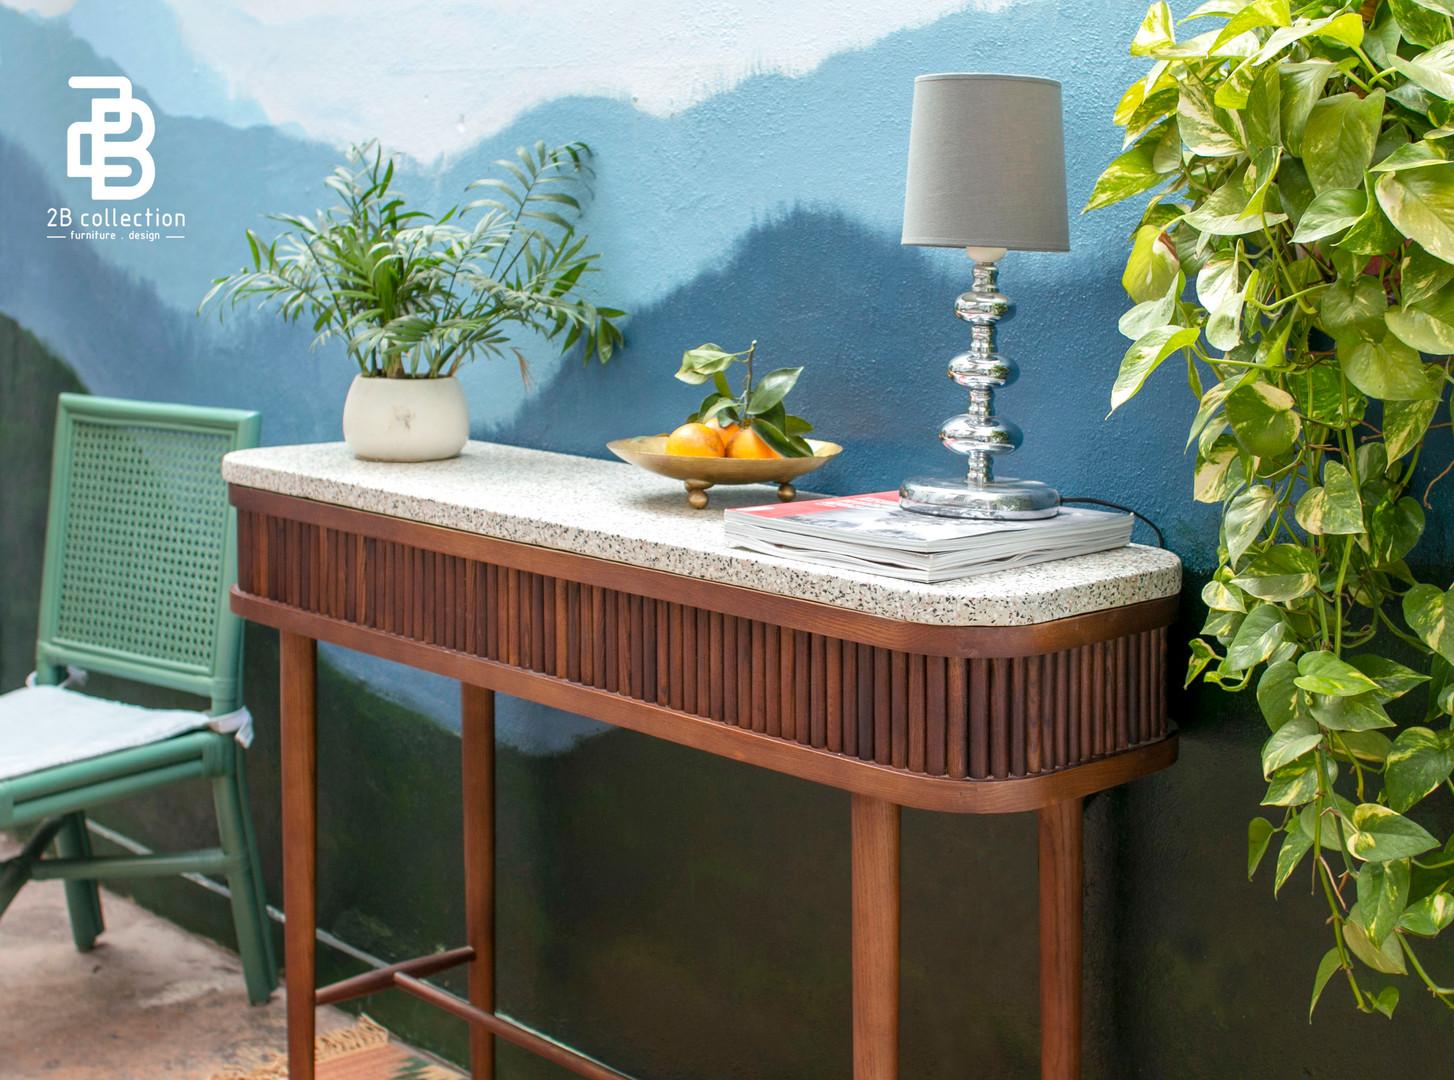 Terrazzo wood console decor